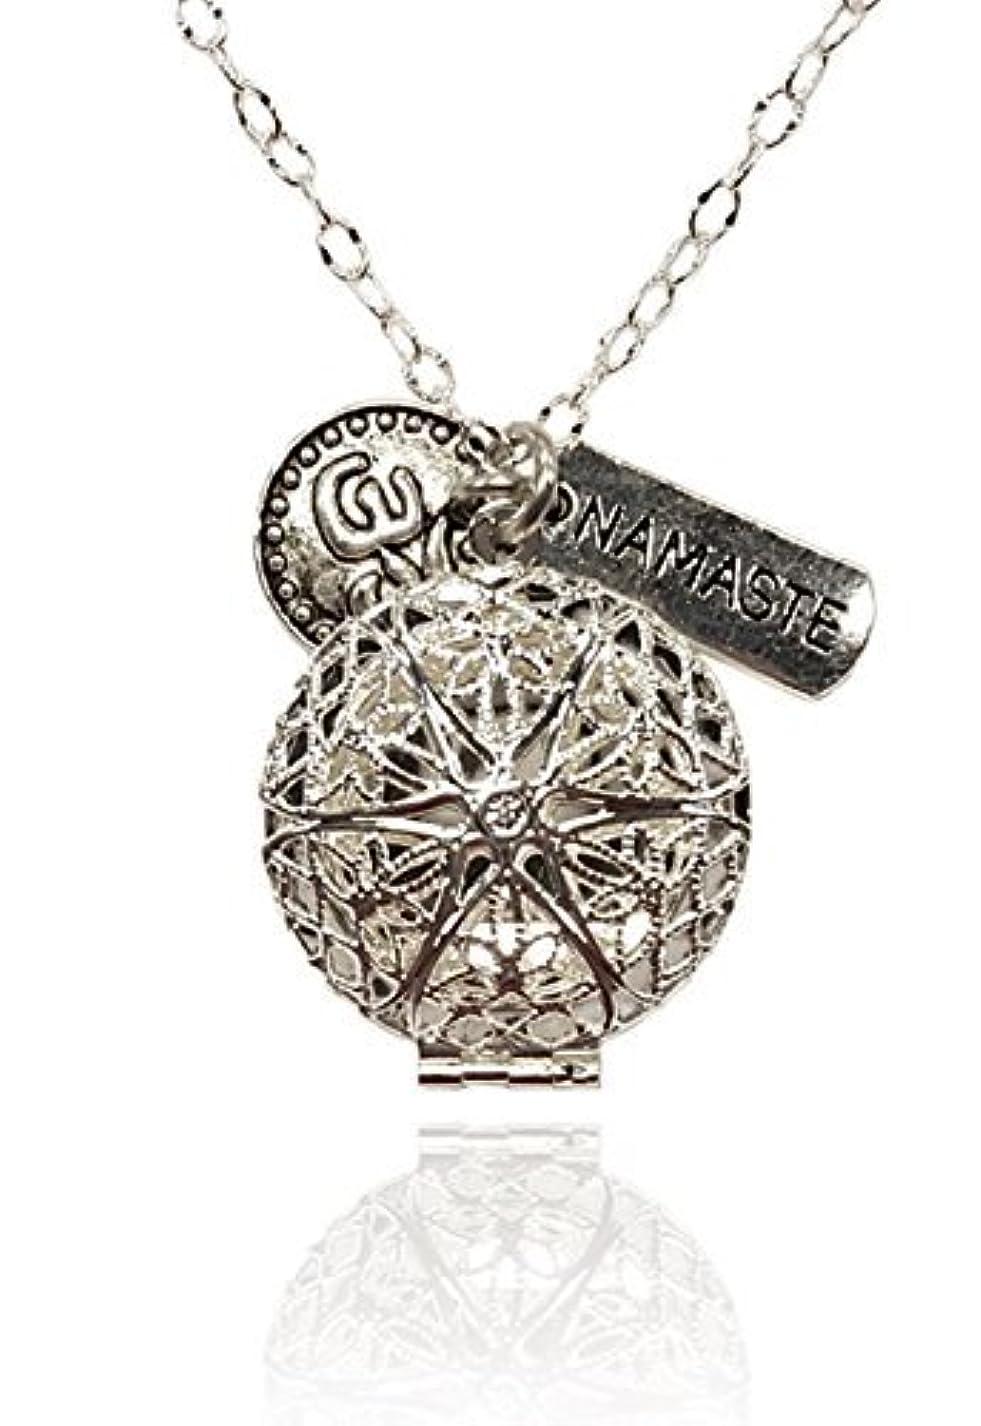 一緒一緒に退院Namaste and Om Silver-tone Charms Aromatherapy Necklace Essential Oil Diffuser Locket Pendant Jewelry w/reusable...